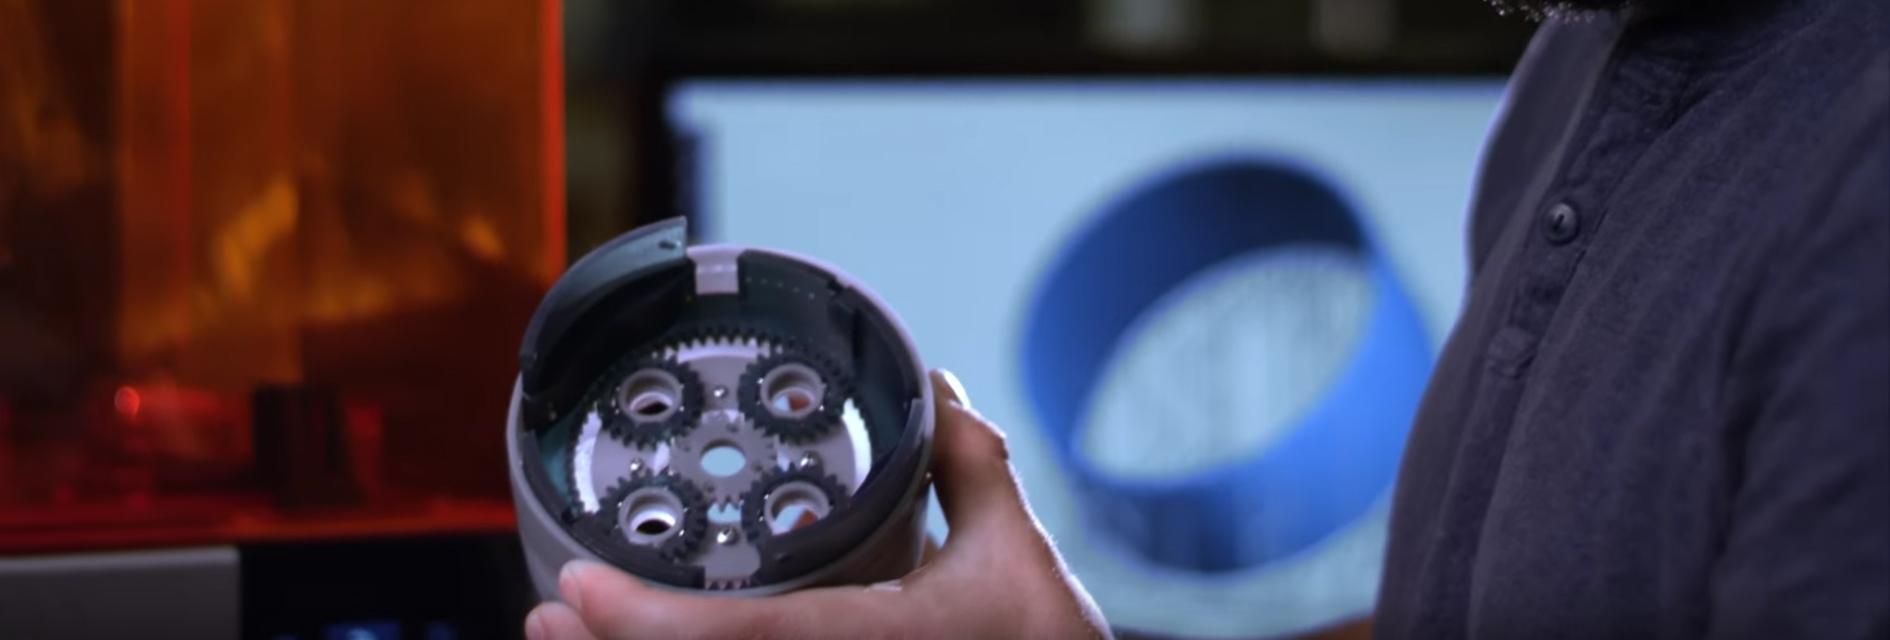 3D Drucker und MakerBot, Formlabs und Stratasys Schweiz Reseller, Support und Bildungs Webseite. 3D Drucker Lösungen / Schulungen aus Zürich für Schule, Bildungsinstitutionen, Unternehmen und Private.